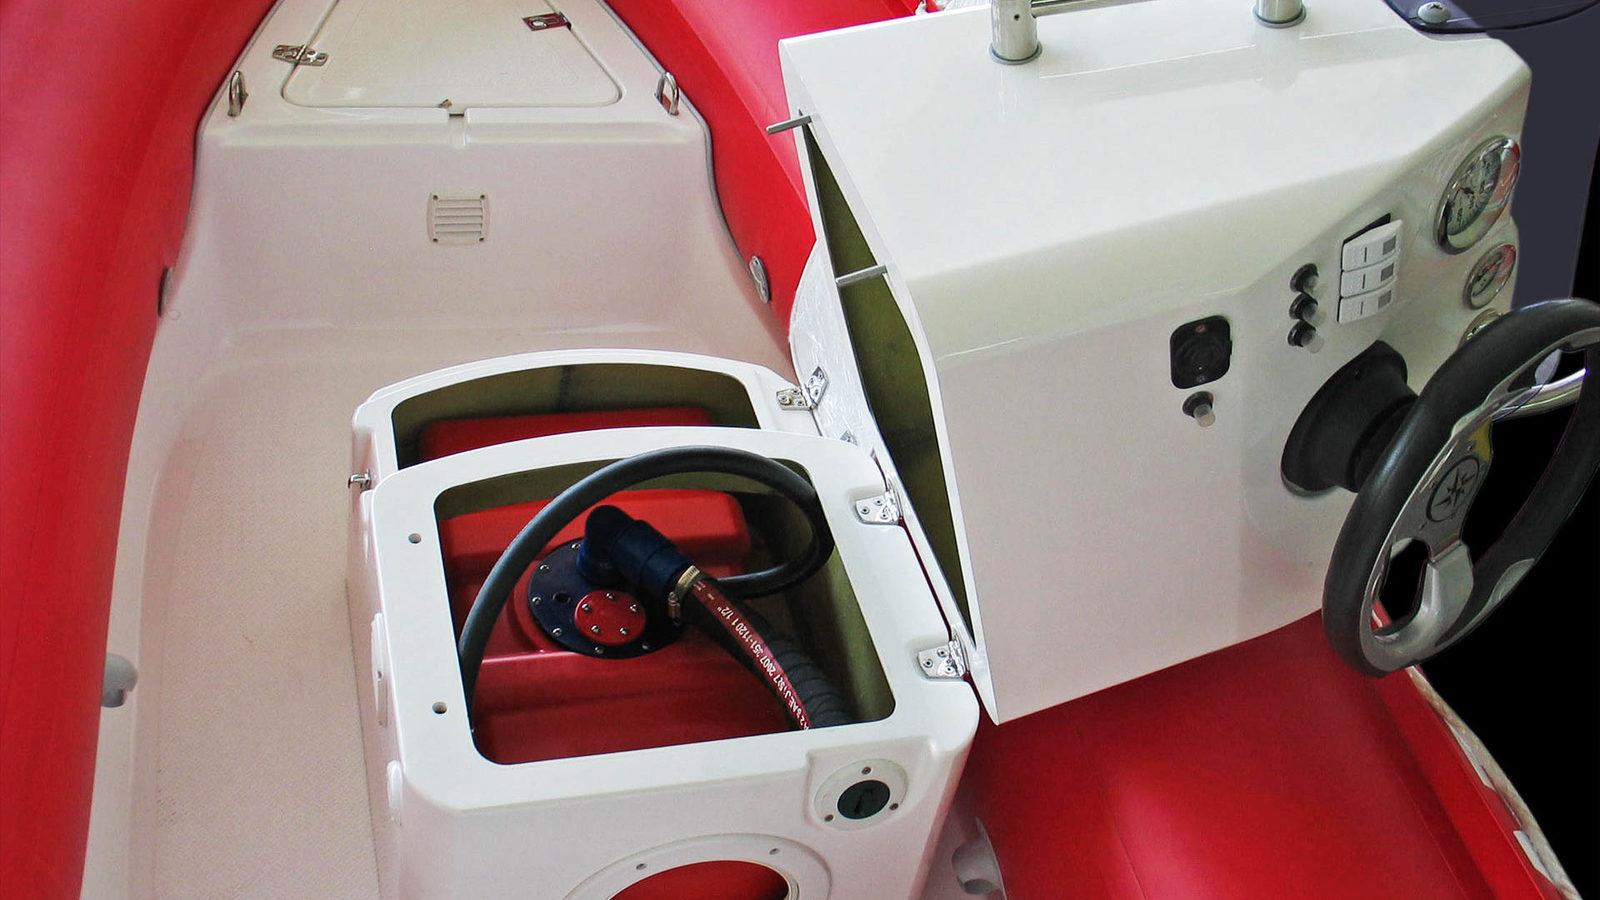 Brig Falcon fuel tank